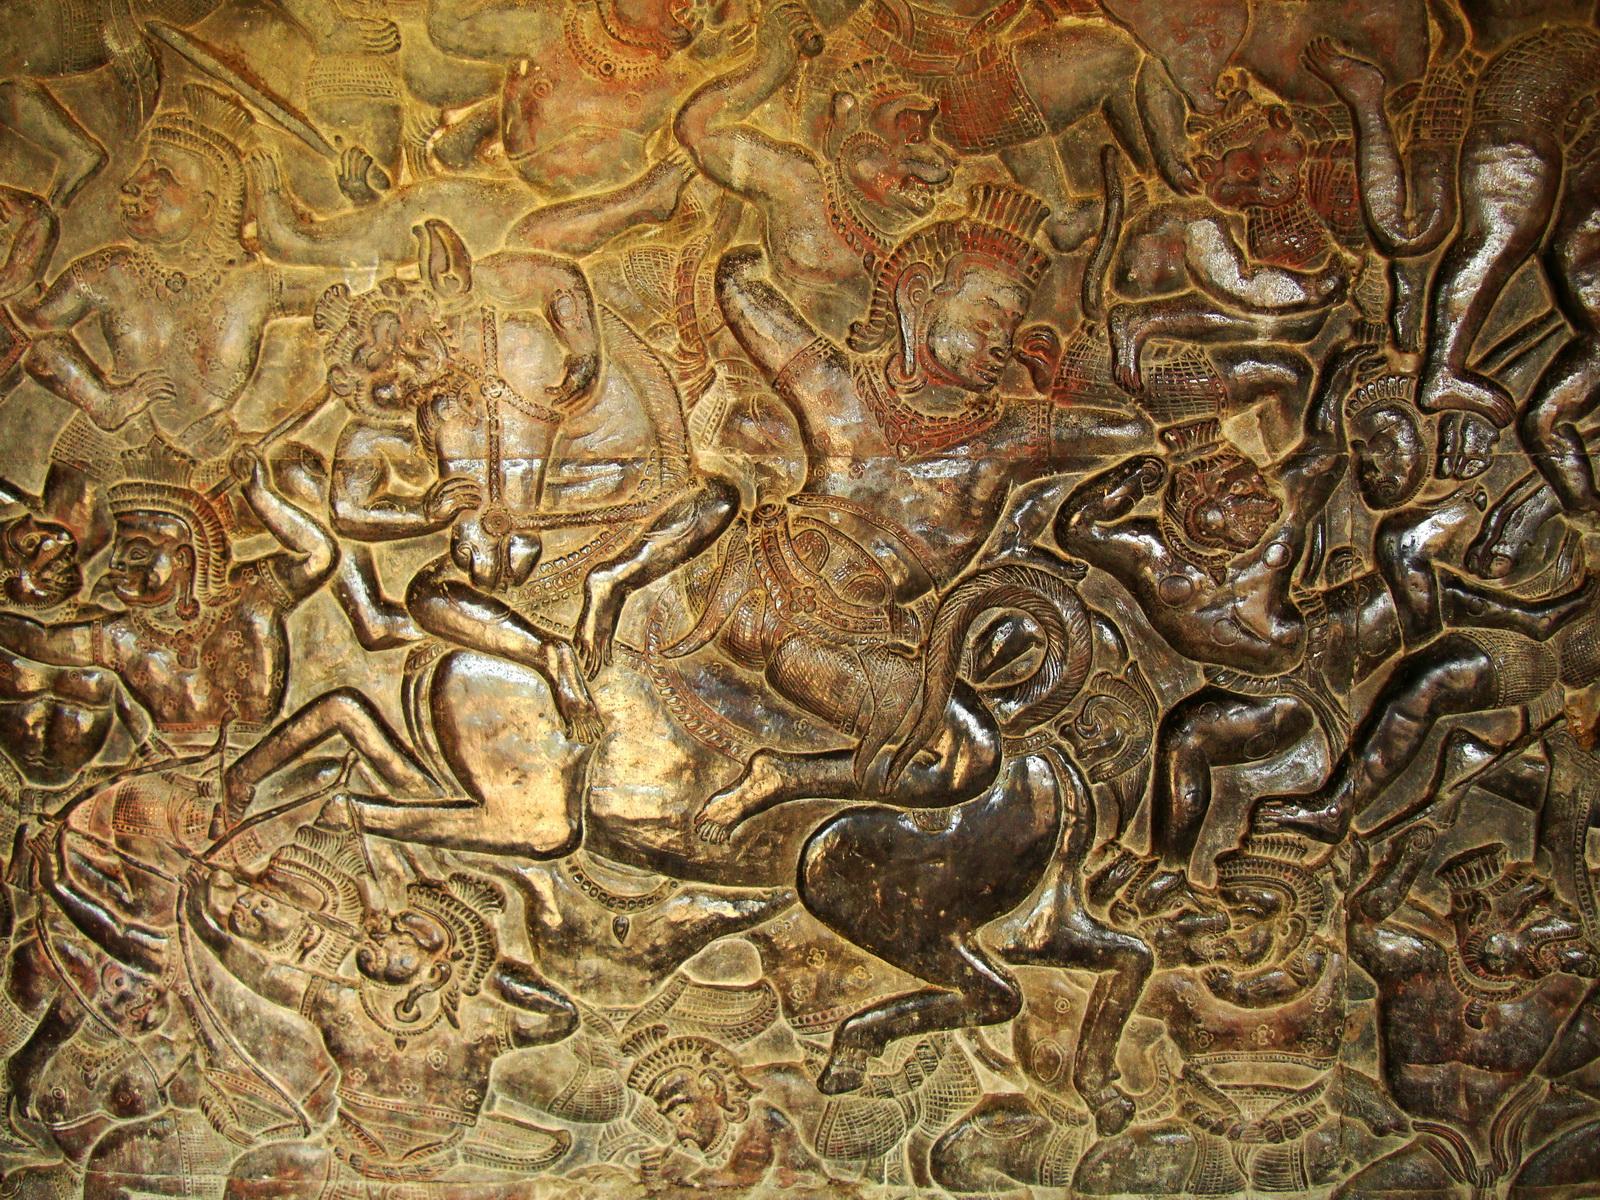 Angkor Wat Bas relief W Gallery N Wing Battle of Lanka 74